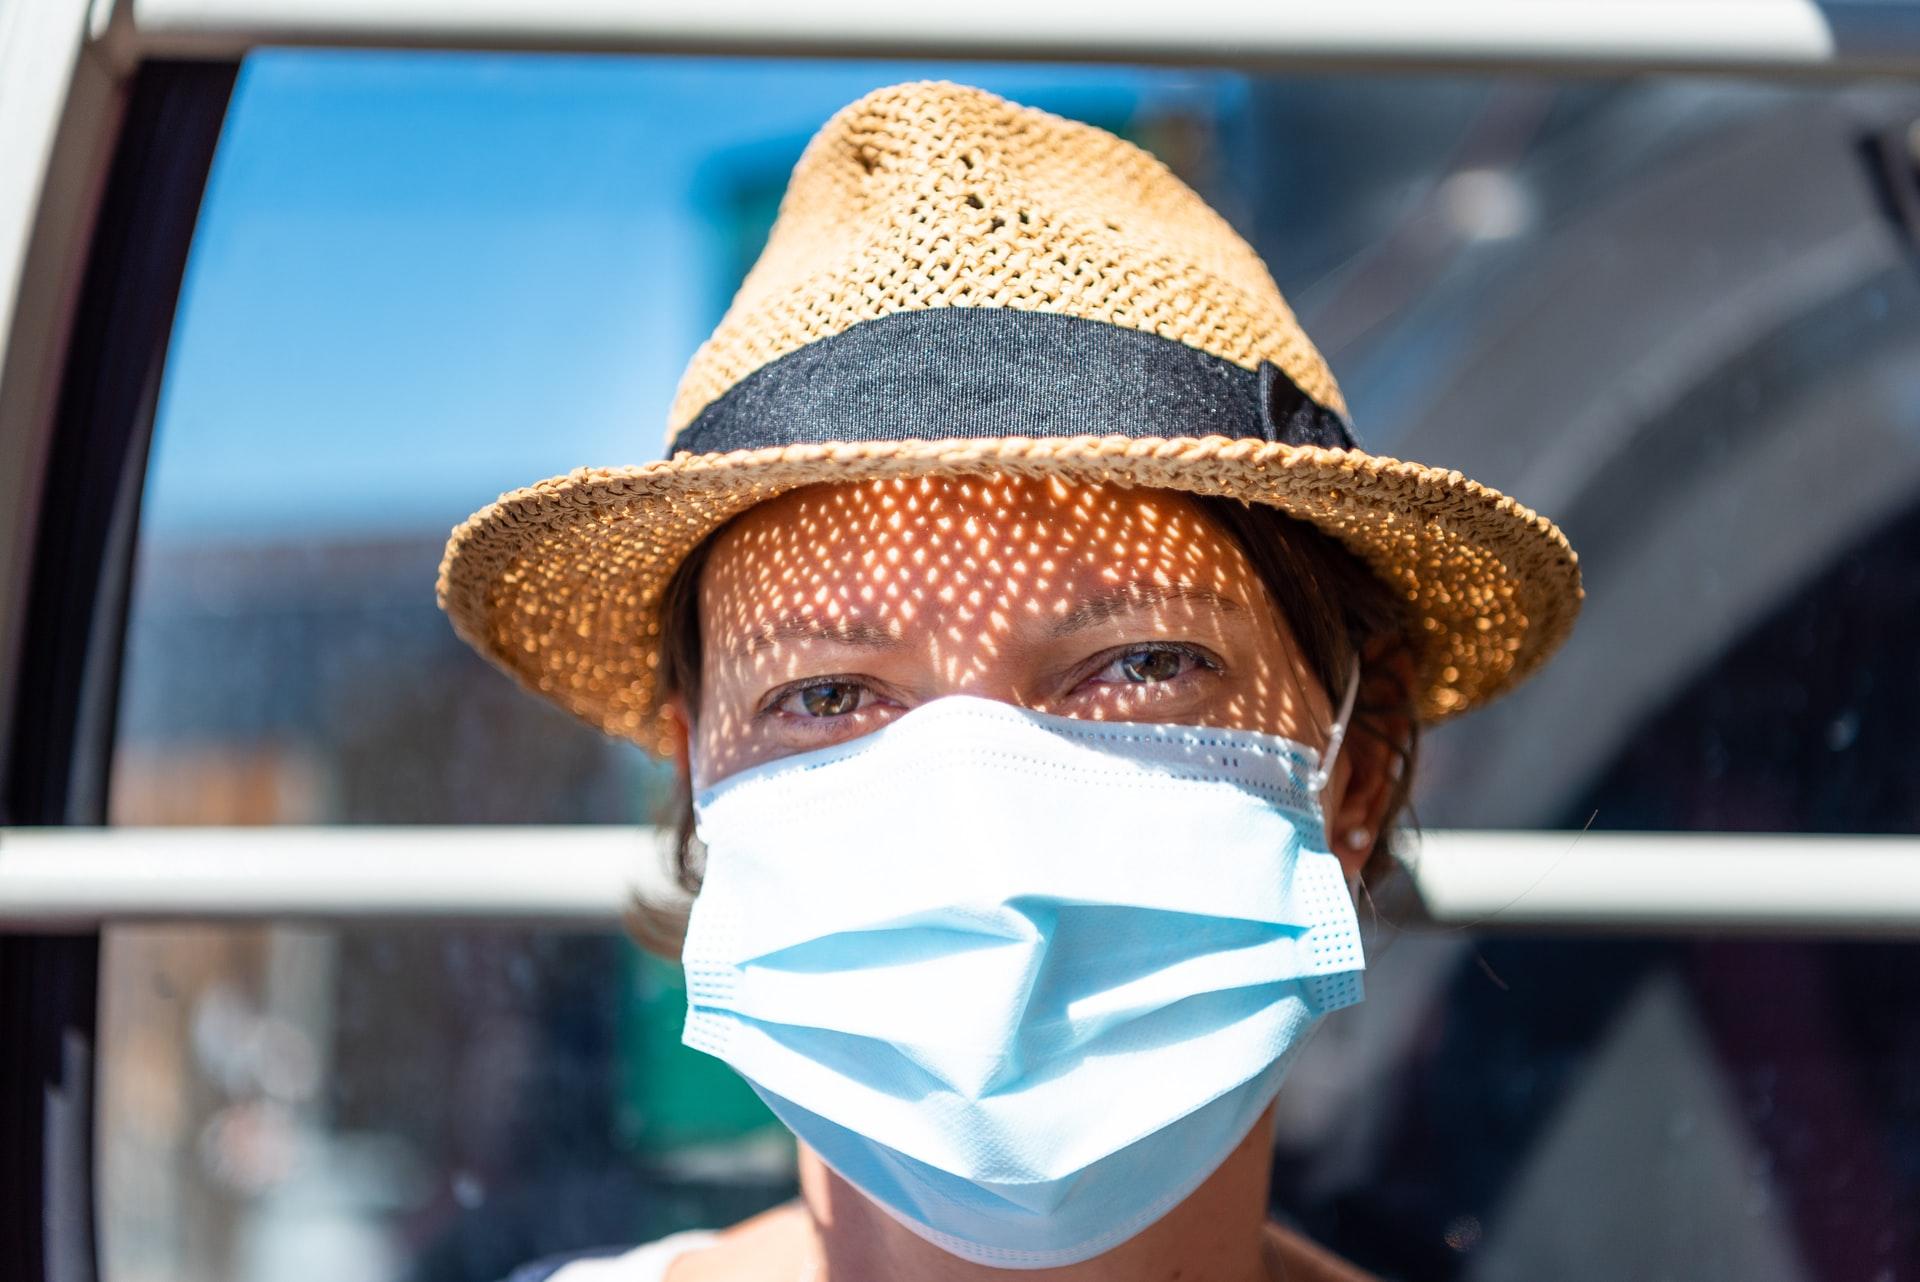 Les masques ne sont pas adaptés à la morphologie des femmes